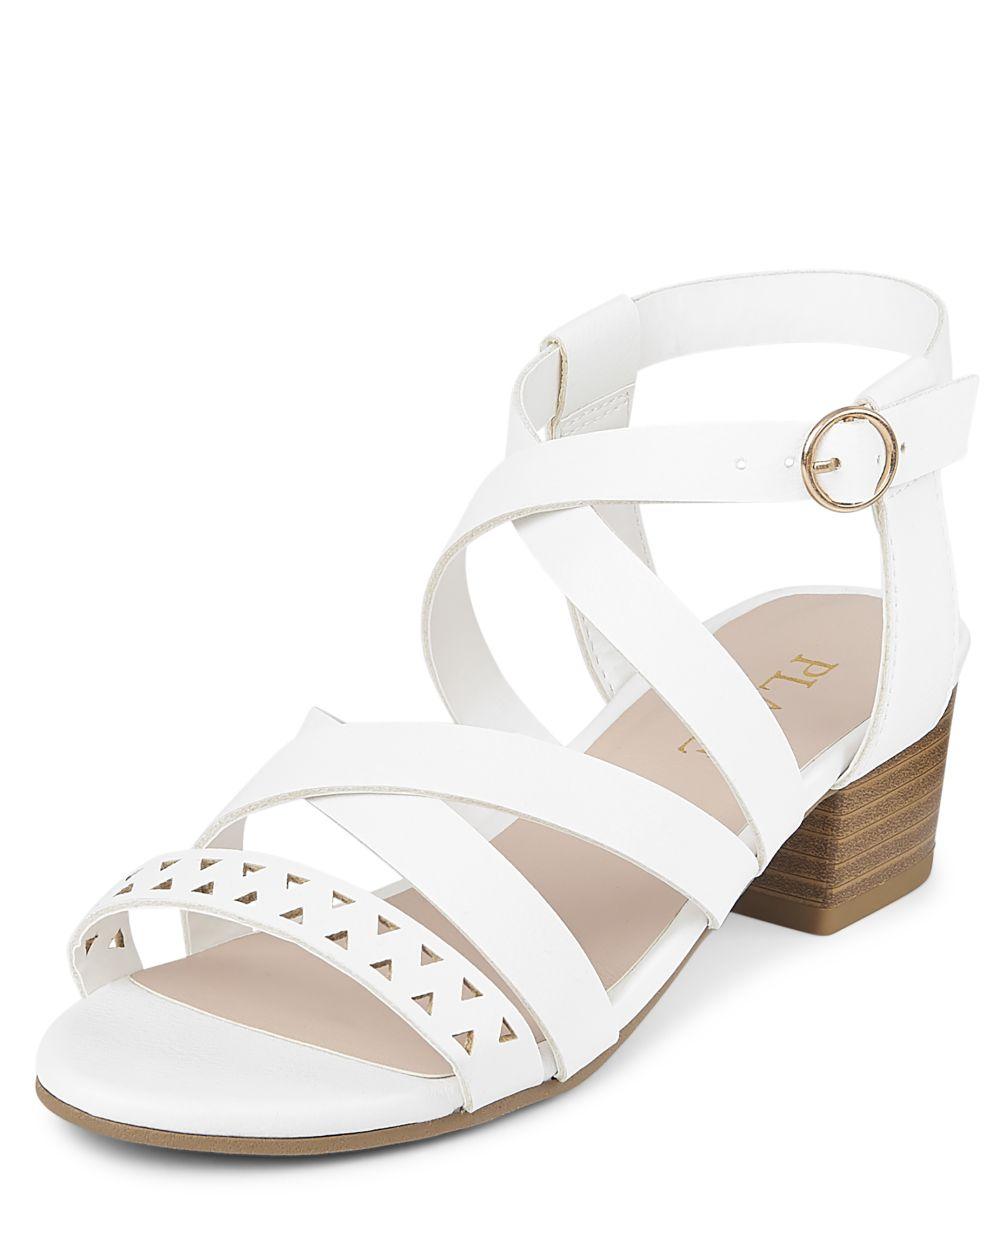 Girls High Heel Sandals - White